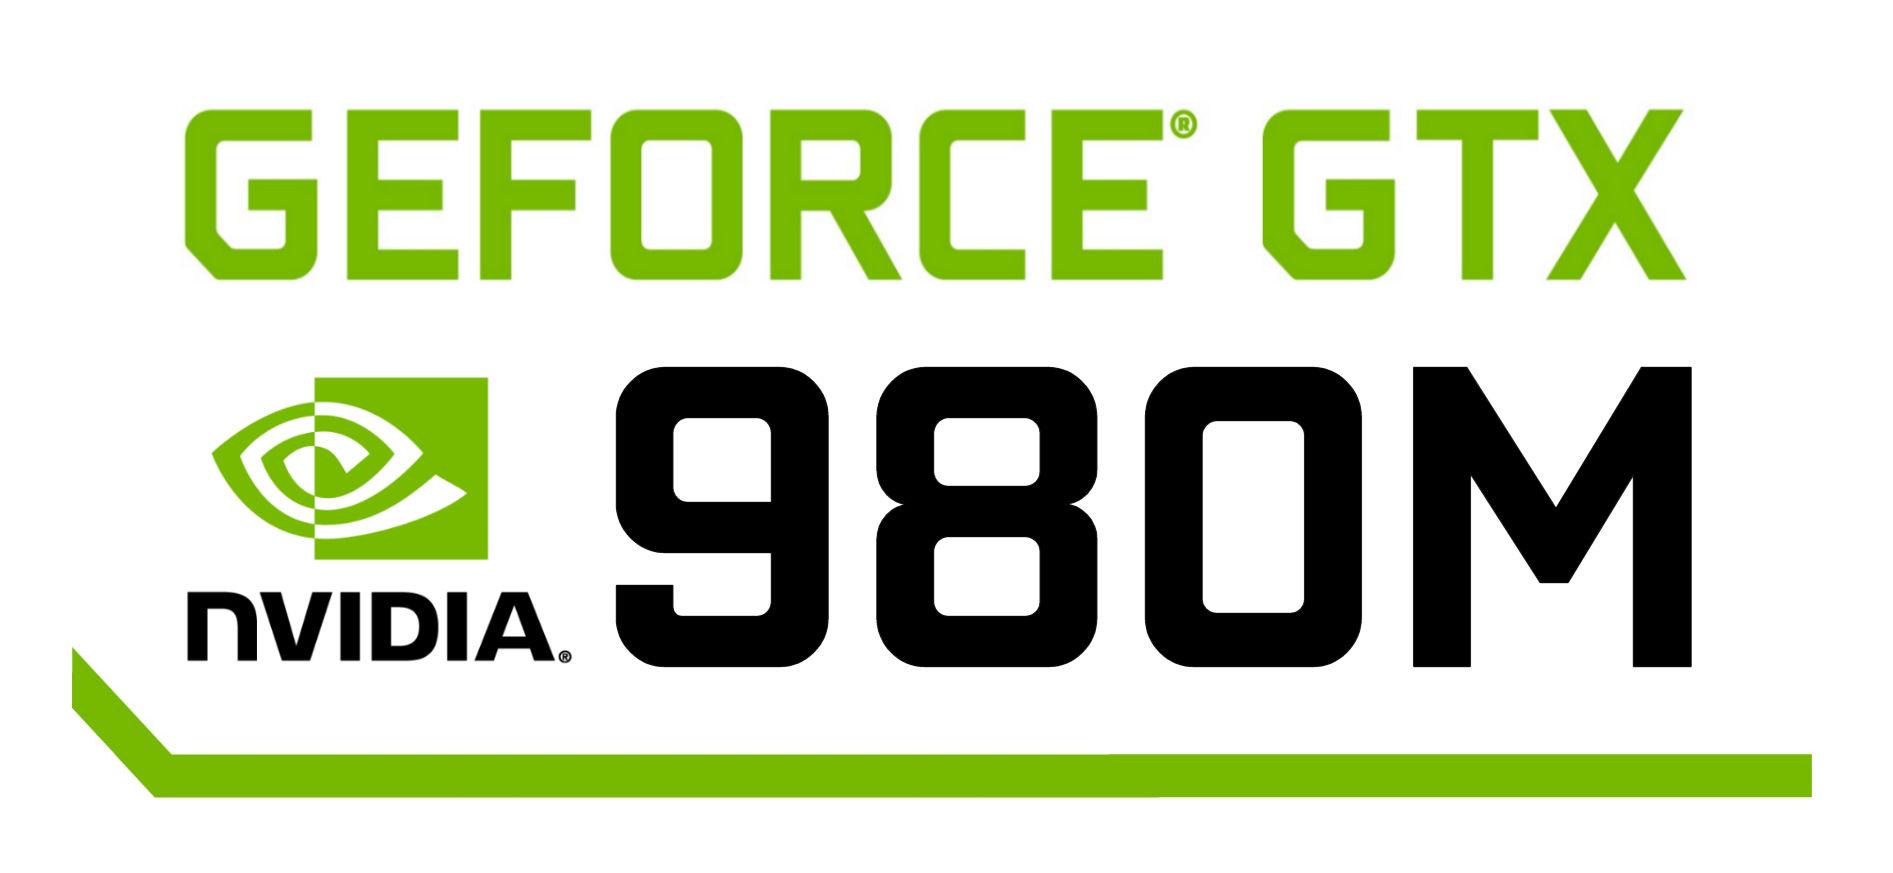 NVIDIA GeForce GTX 980M 8GB GDDR5 MXM 3 0b